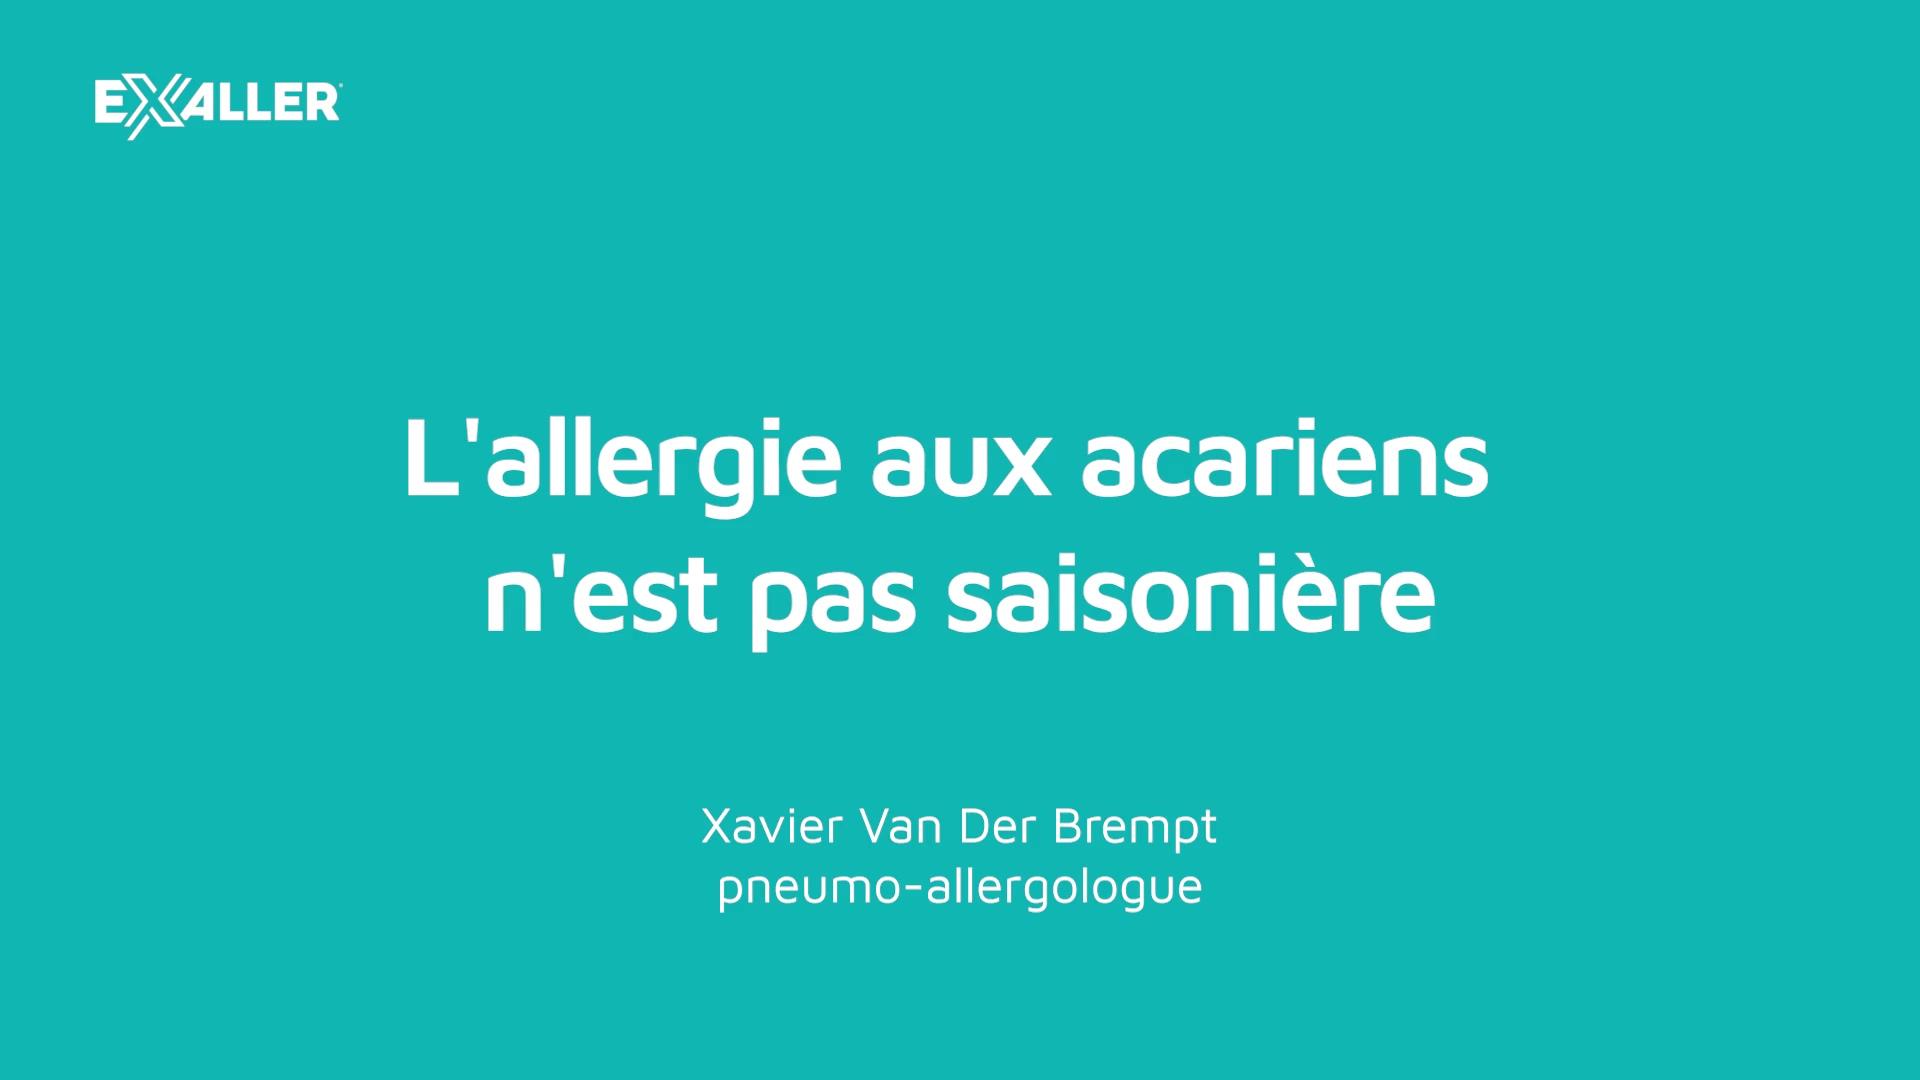 X8 Lallergie aux acariens nest pas saisonière